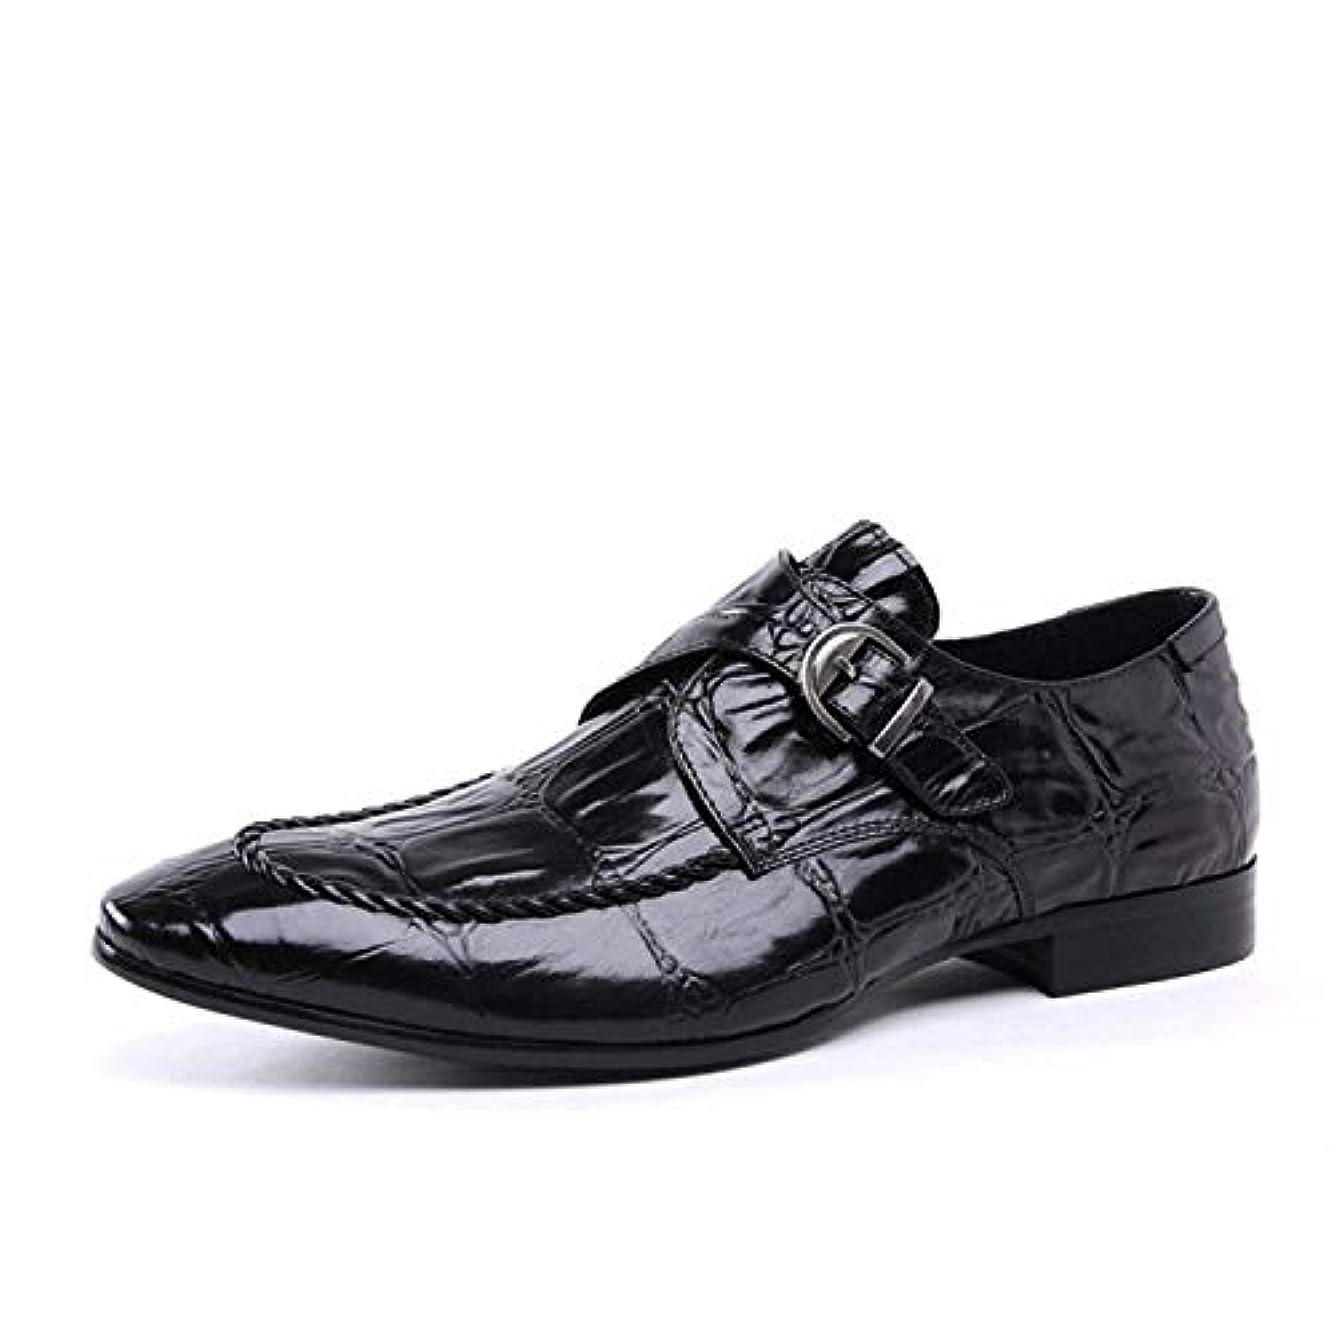 強調する不調和かもめメンズ ビズネスシューズ 本革 モンクストラップ 小さいサイズ 紳士靴 ストレートチップ コンフォートシューズ 金属ボタン ポインテッドトゥ 通気性抜群 通勤 アーモンドトゥ ローカット イングランド 耐久性 歩きやすい